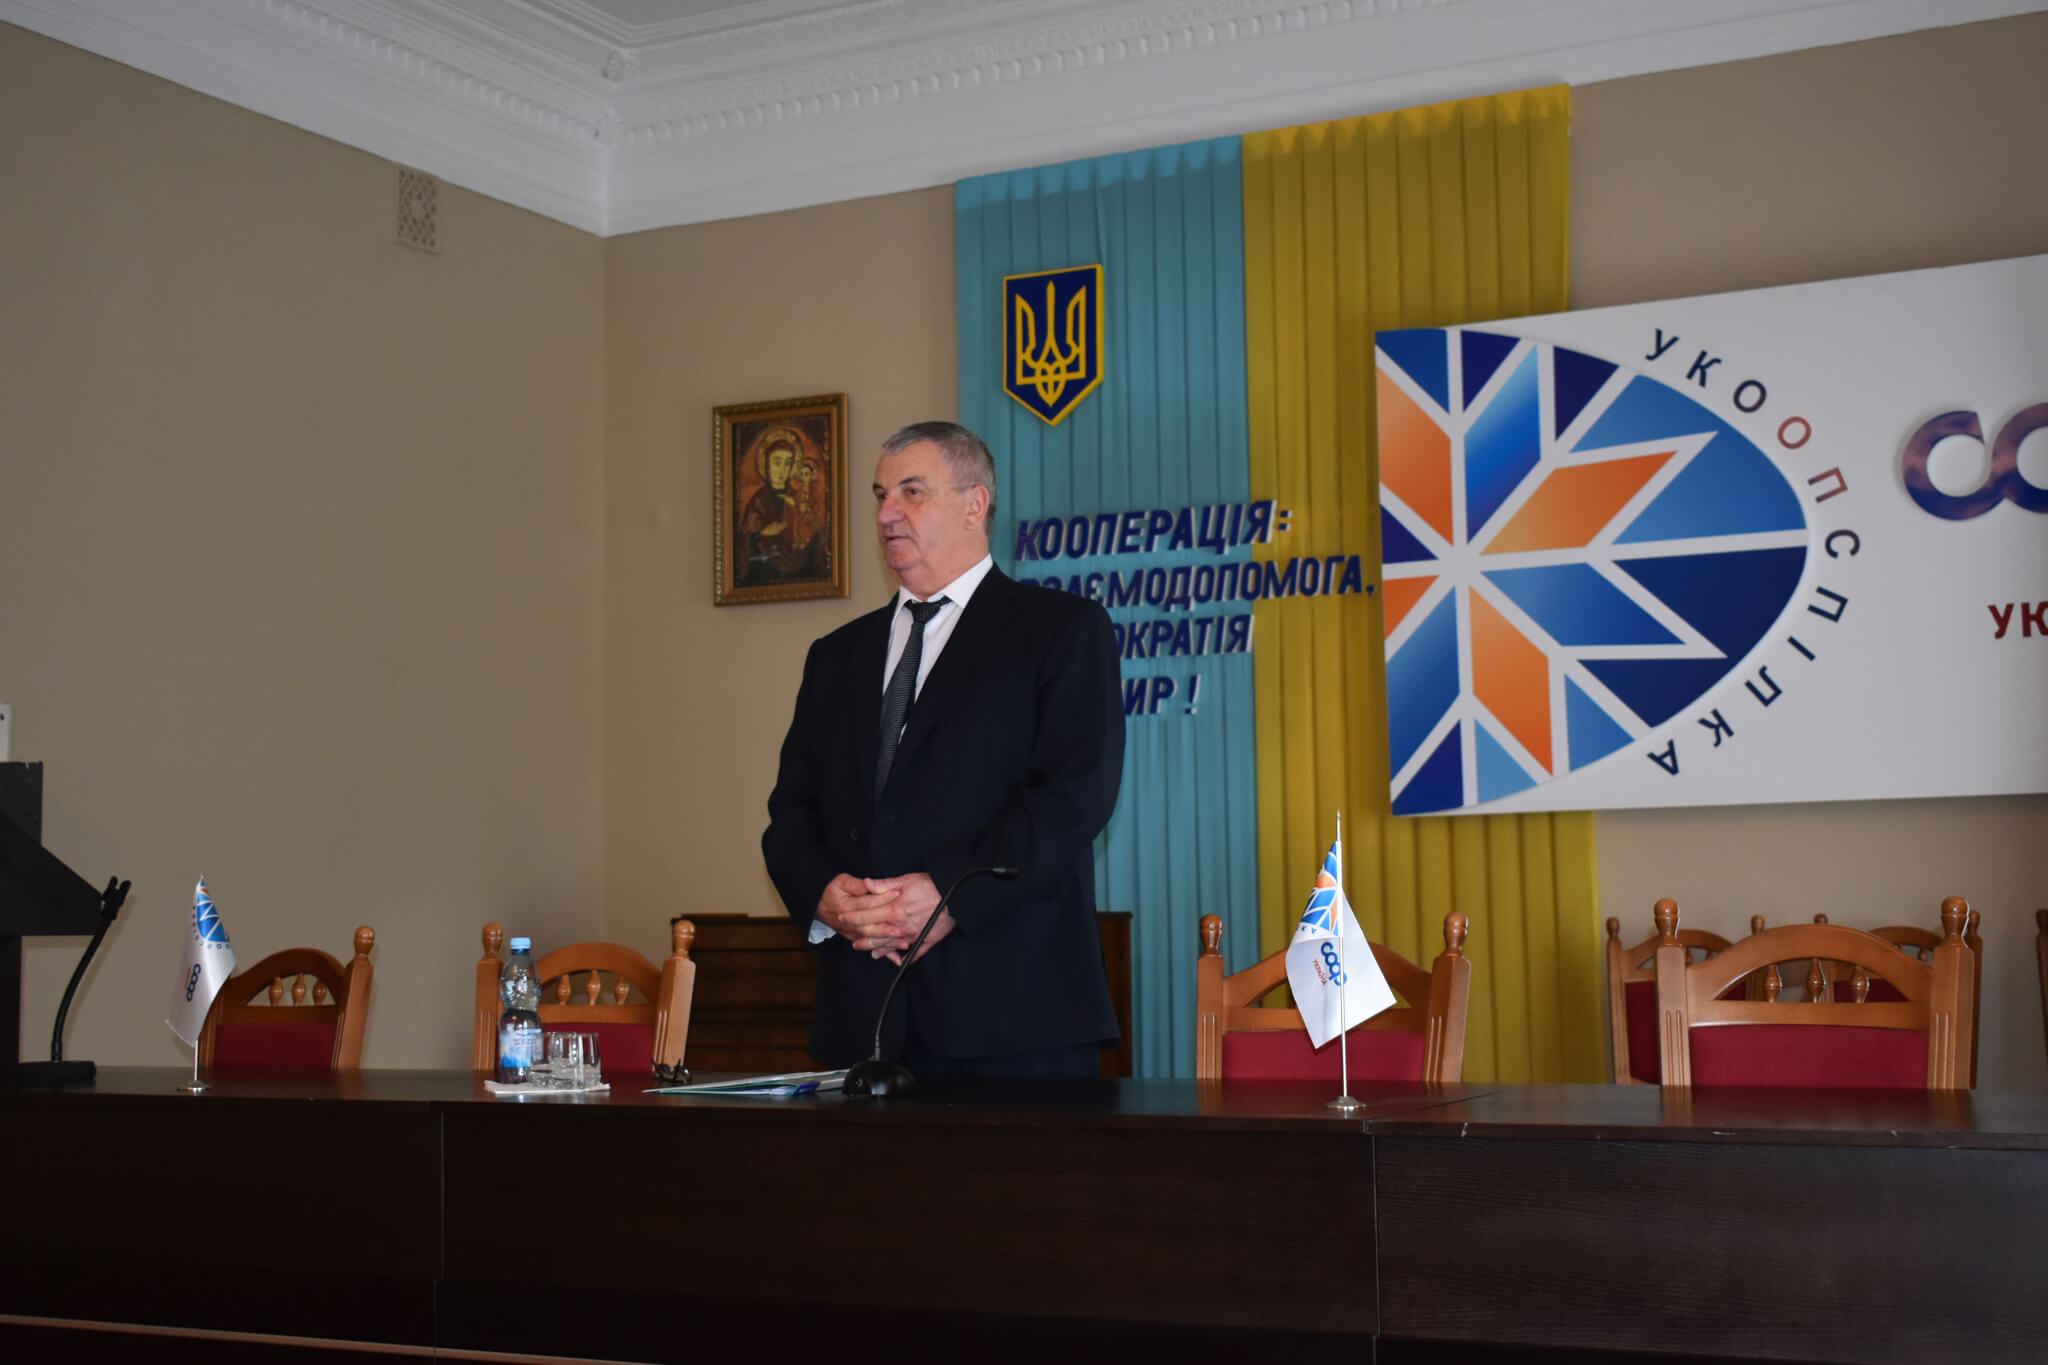 Урочисті збори з нагоди професійного свята- Міжнародного дня кооперативів.